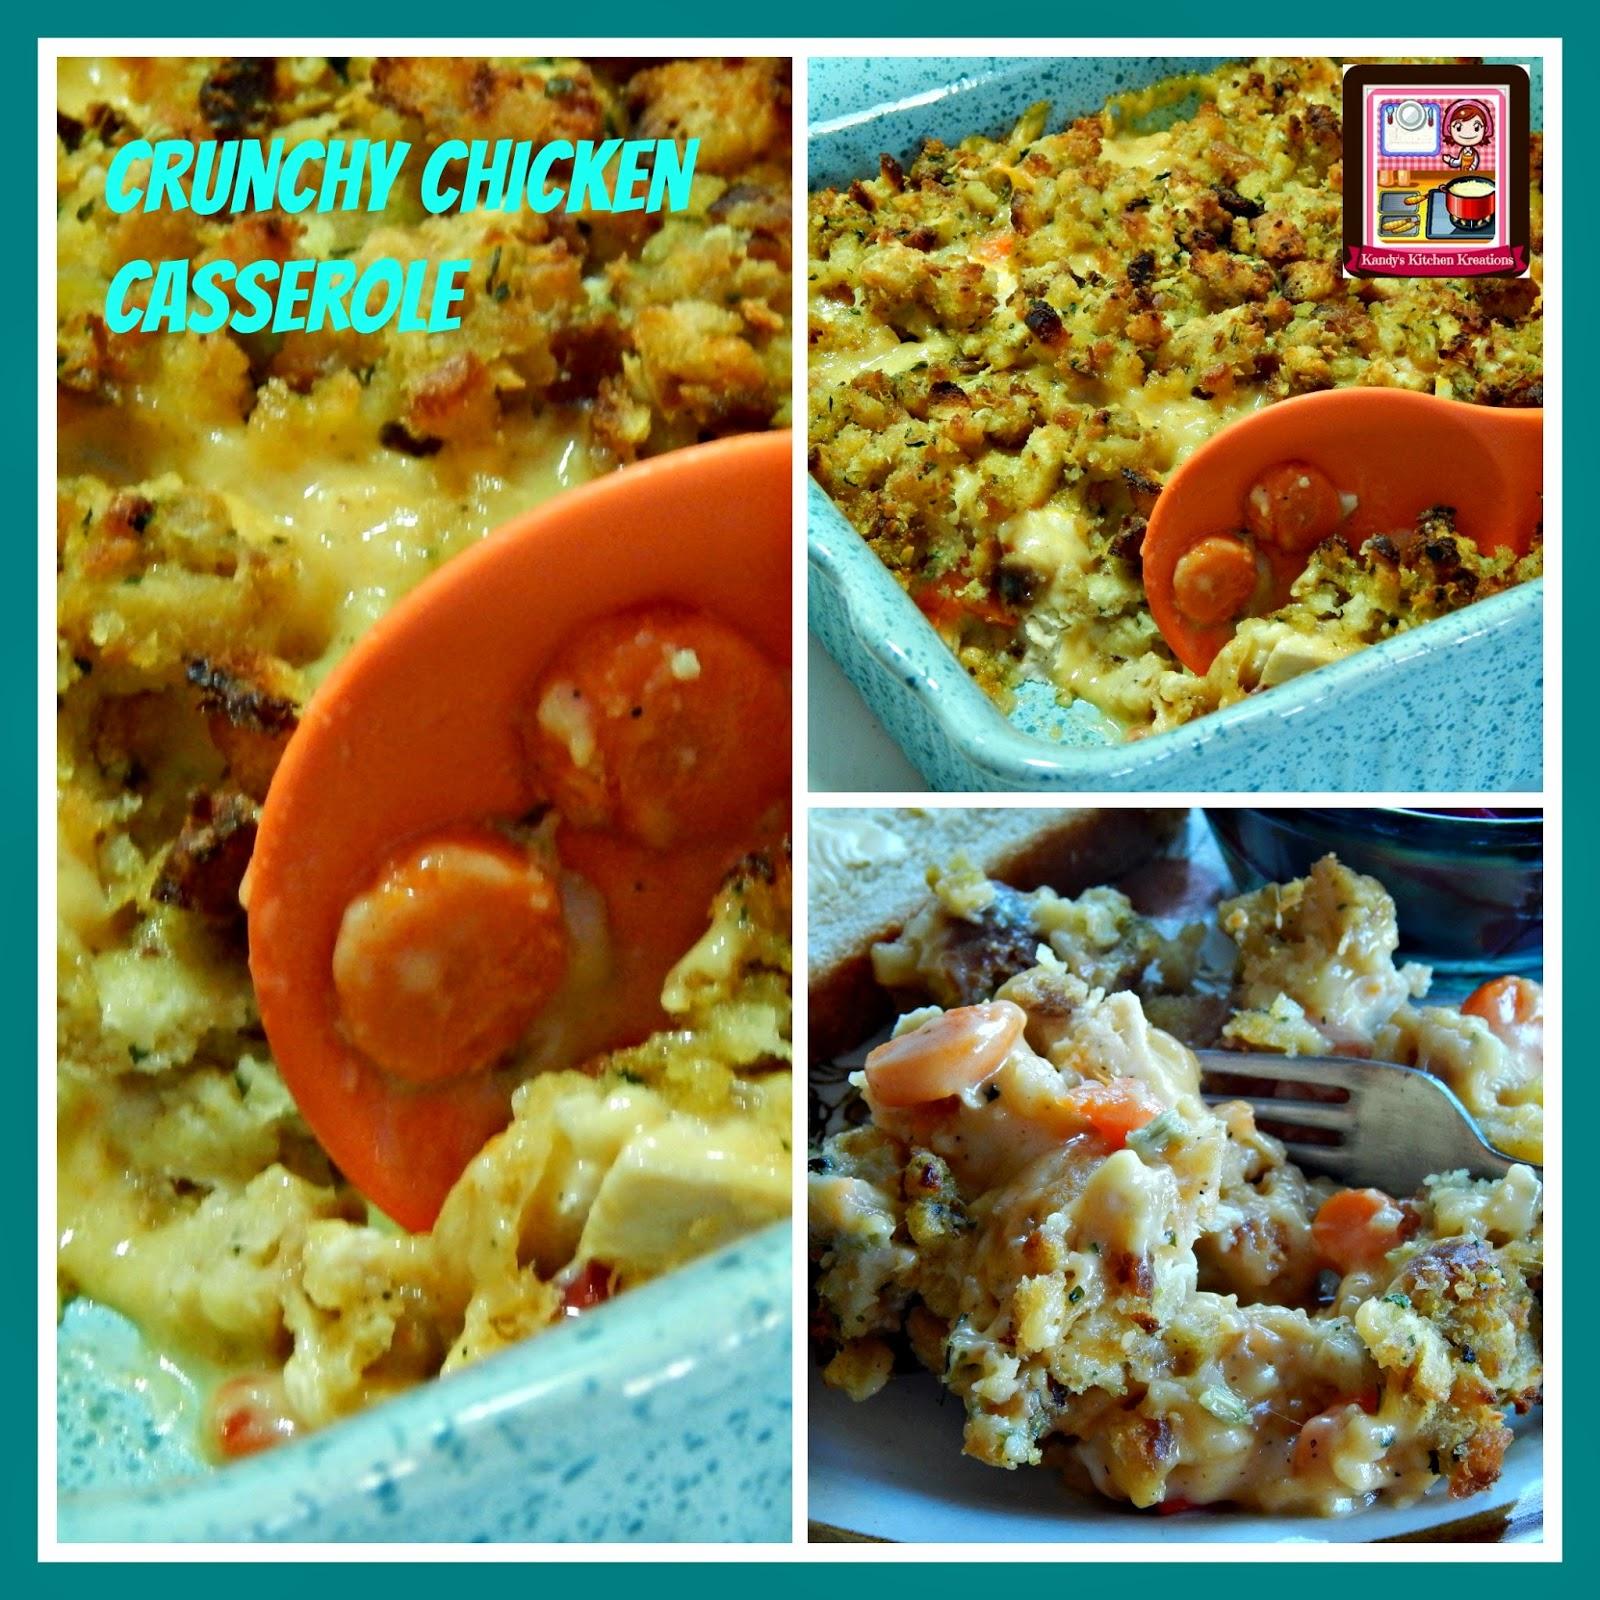 Kandy's Kitchen Kreations: Crunchy Chicken Casserole